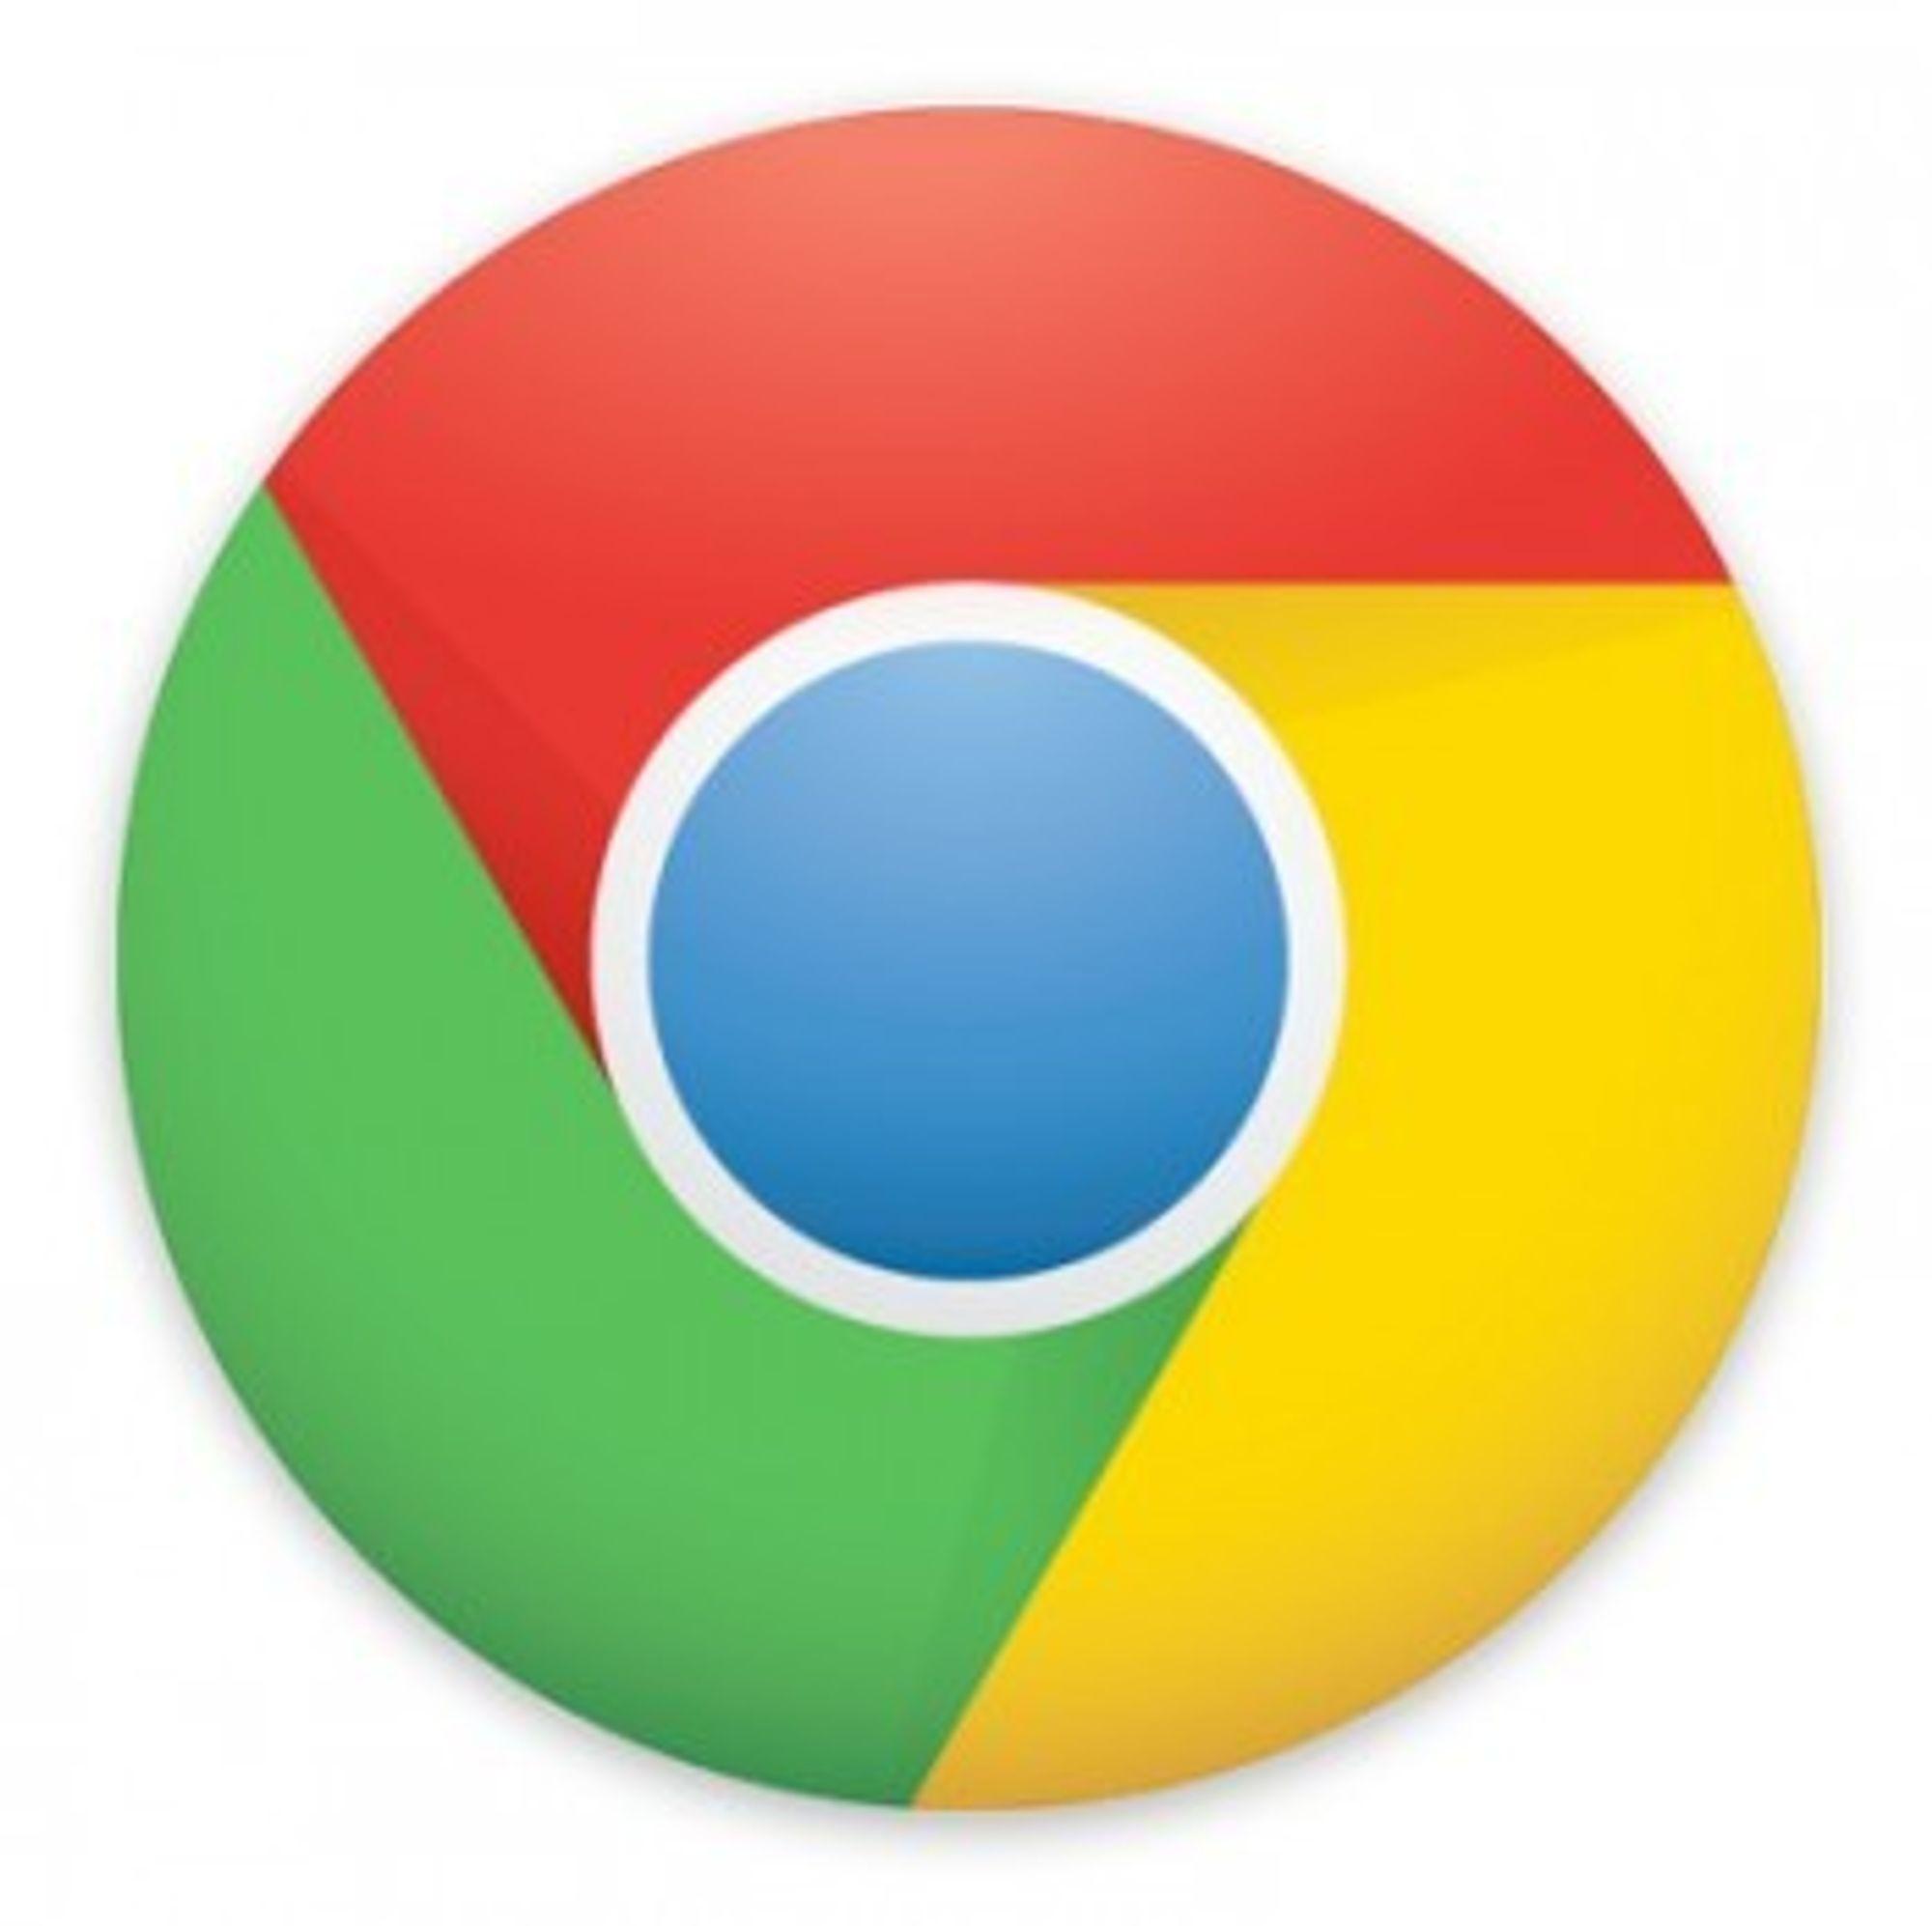 Den nye og enklere Chrome-logoen.